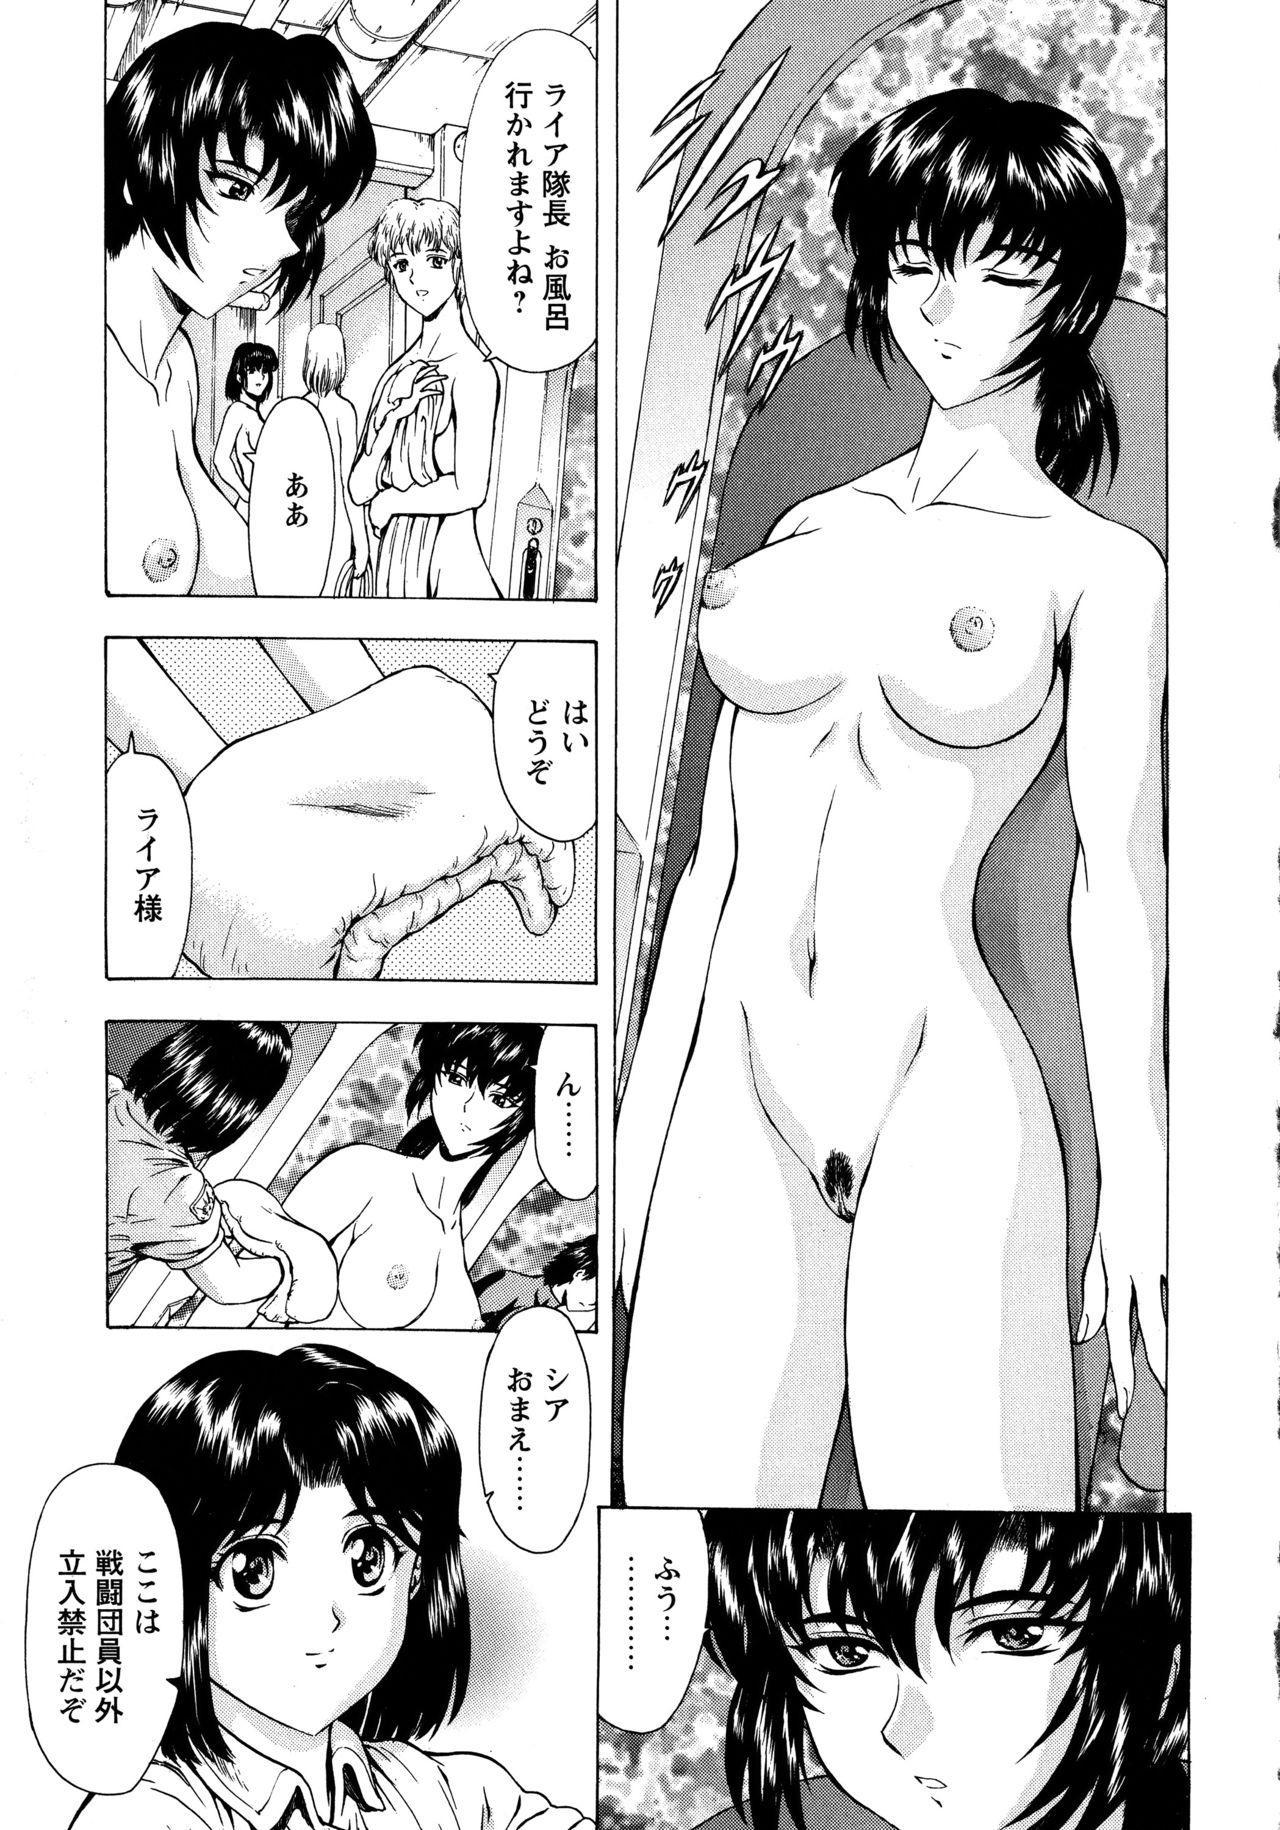 Ginryuu no Reimei Vol. 1 20